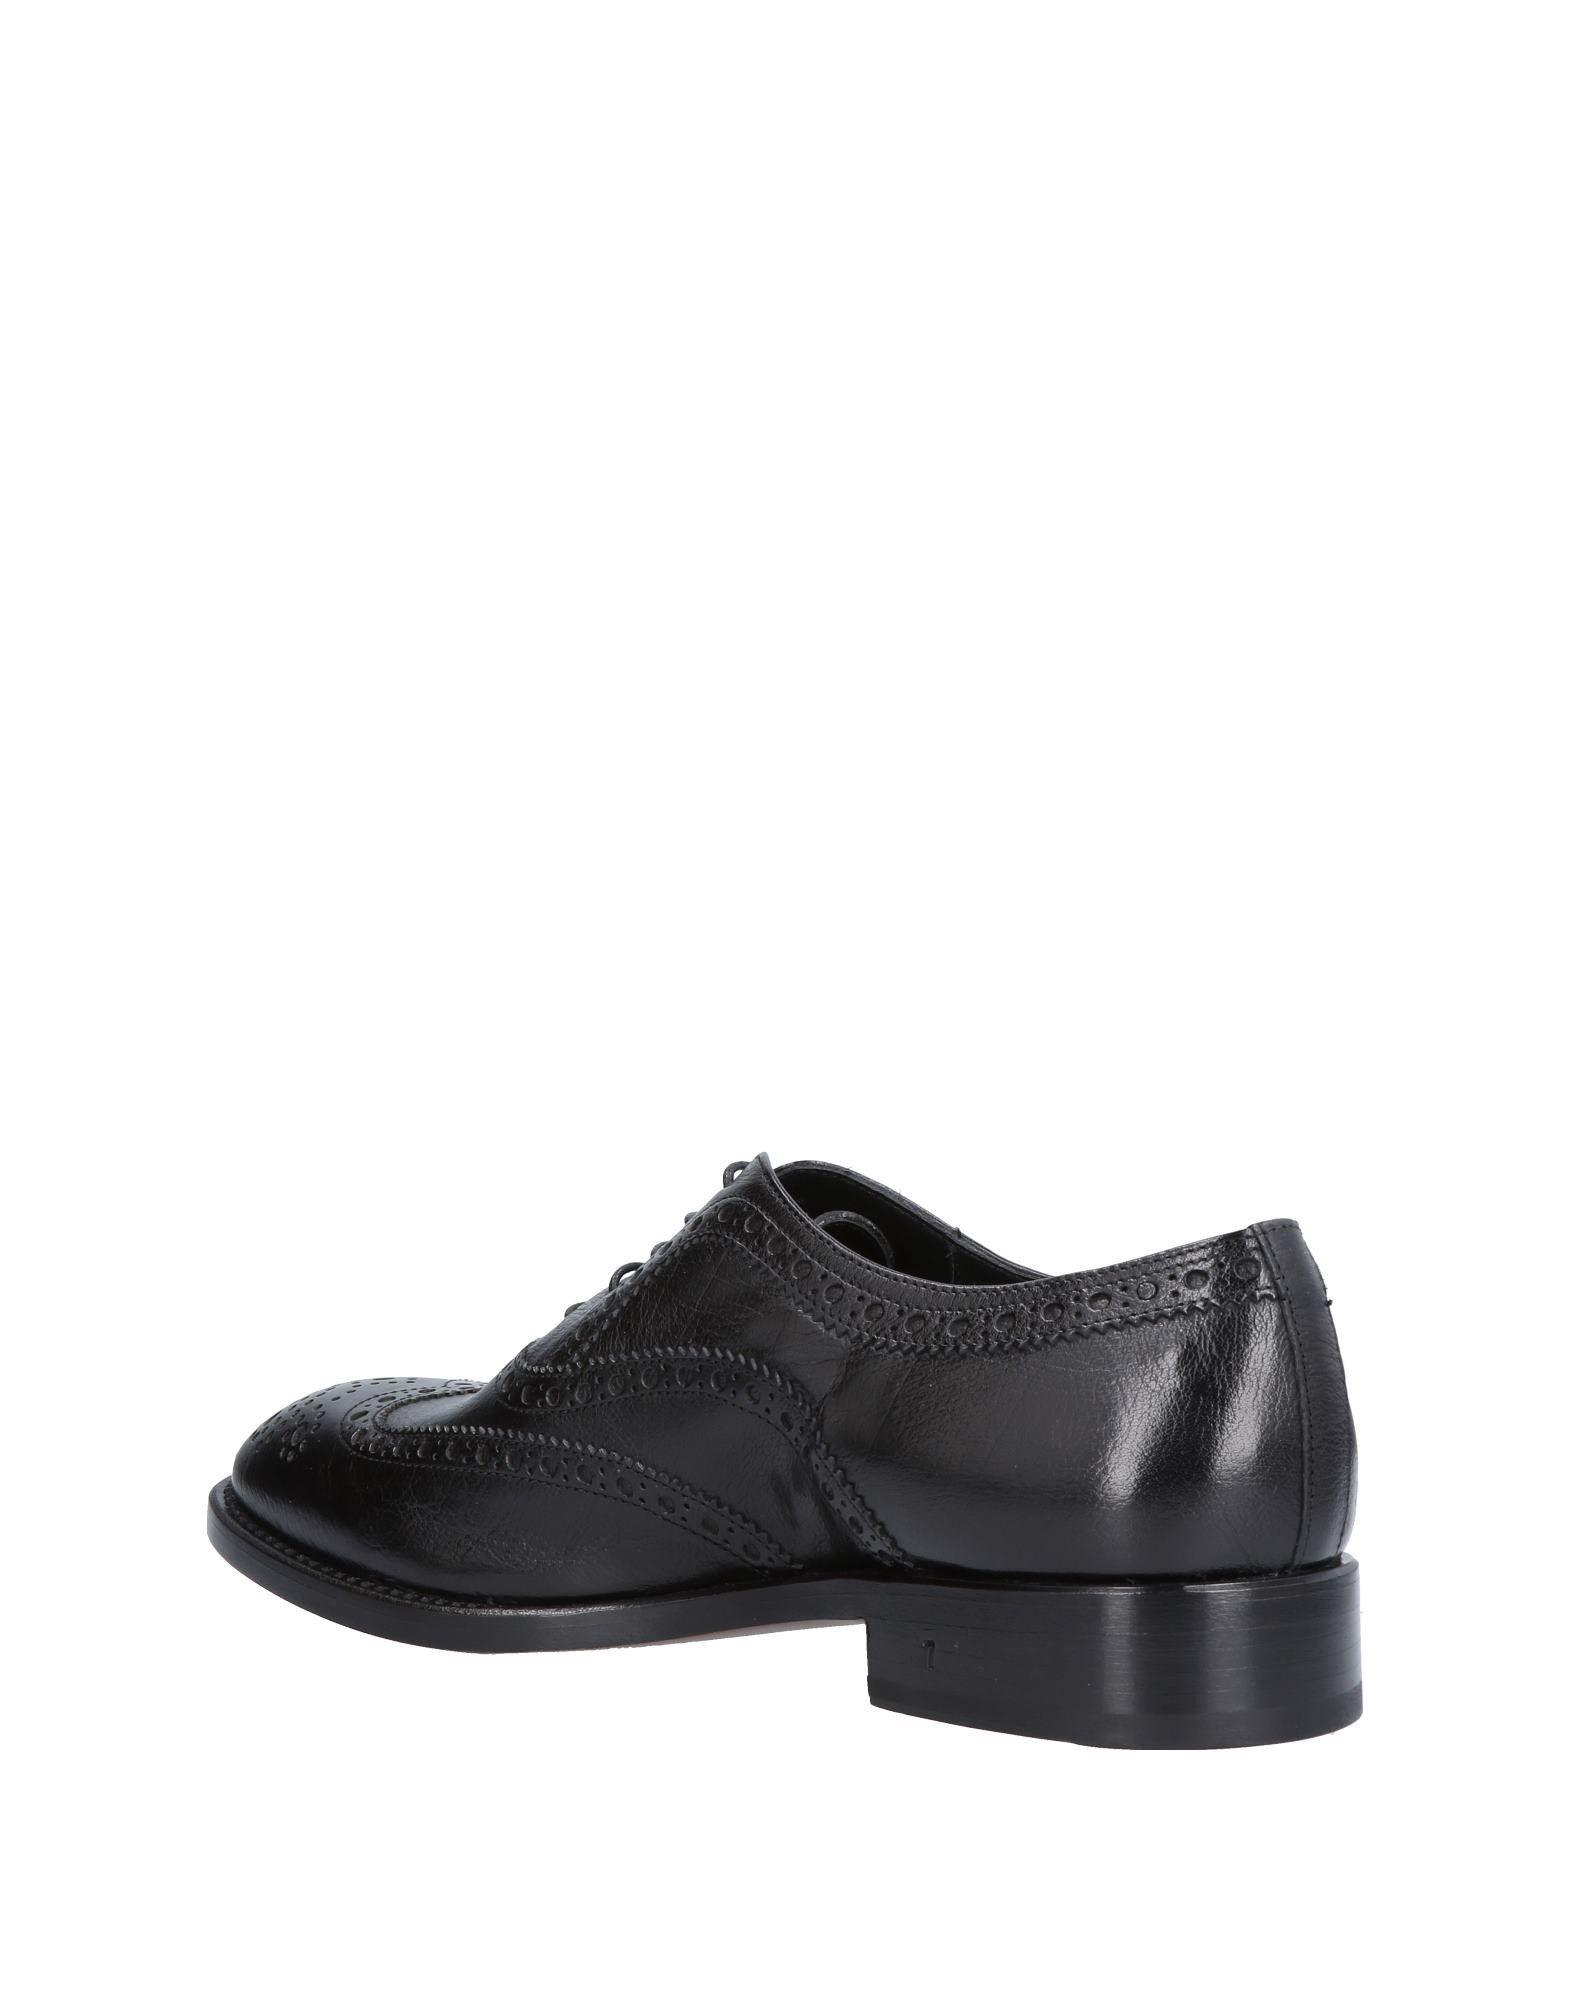 Raparo Schnürschuhe Schnürschuhe Schnürschuhe Herren  11475294PB Heiße Schuhe 36a638